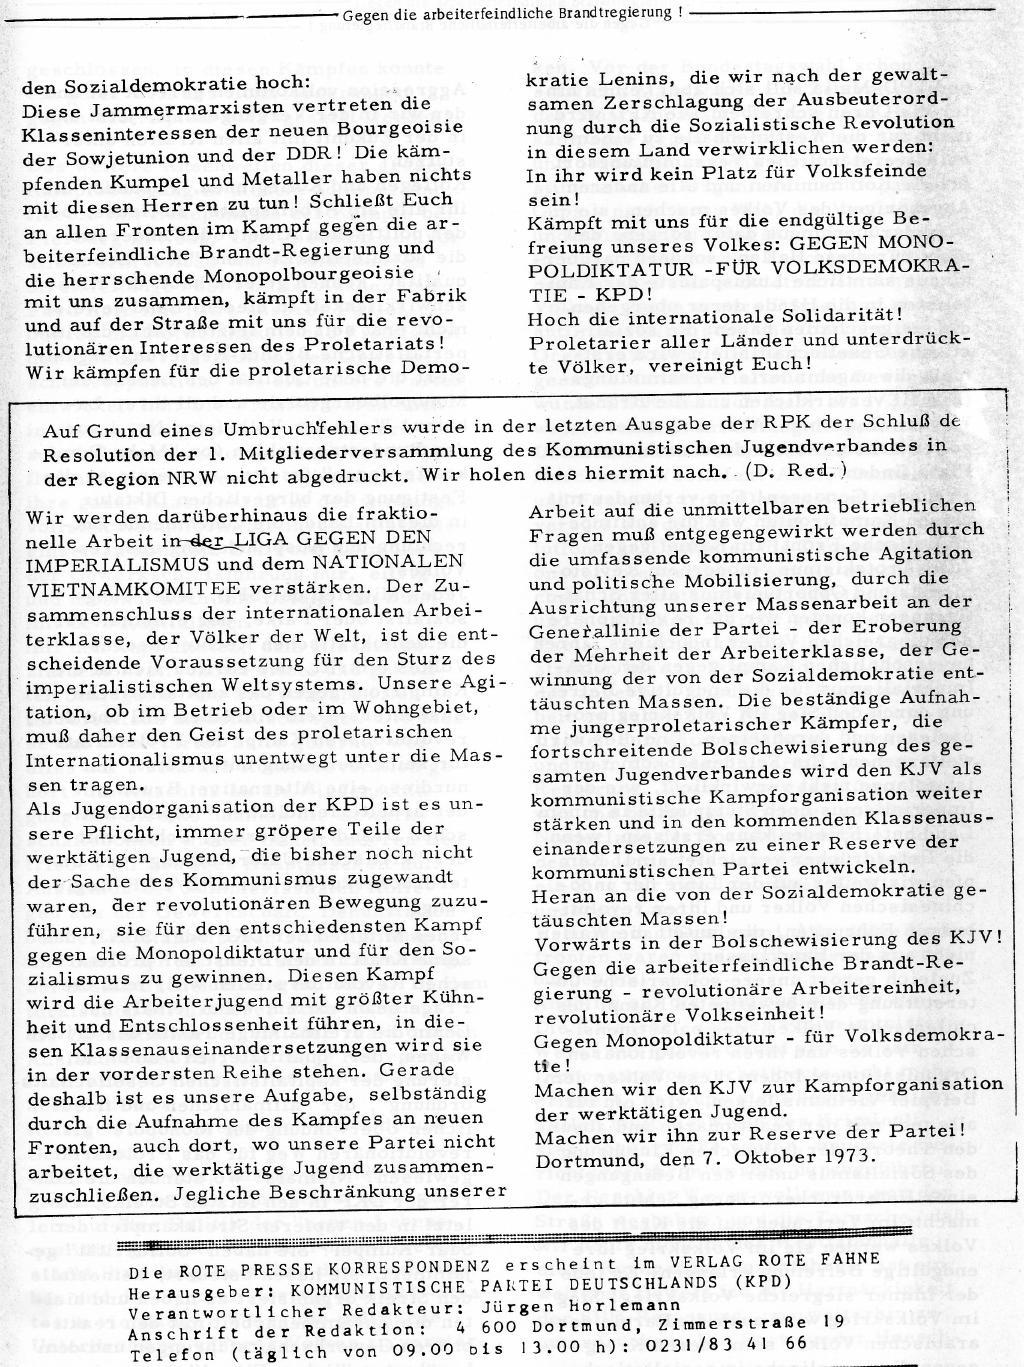 RPK_1973_036_20